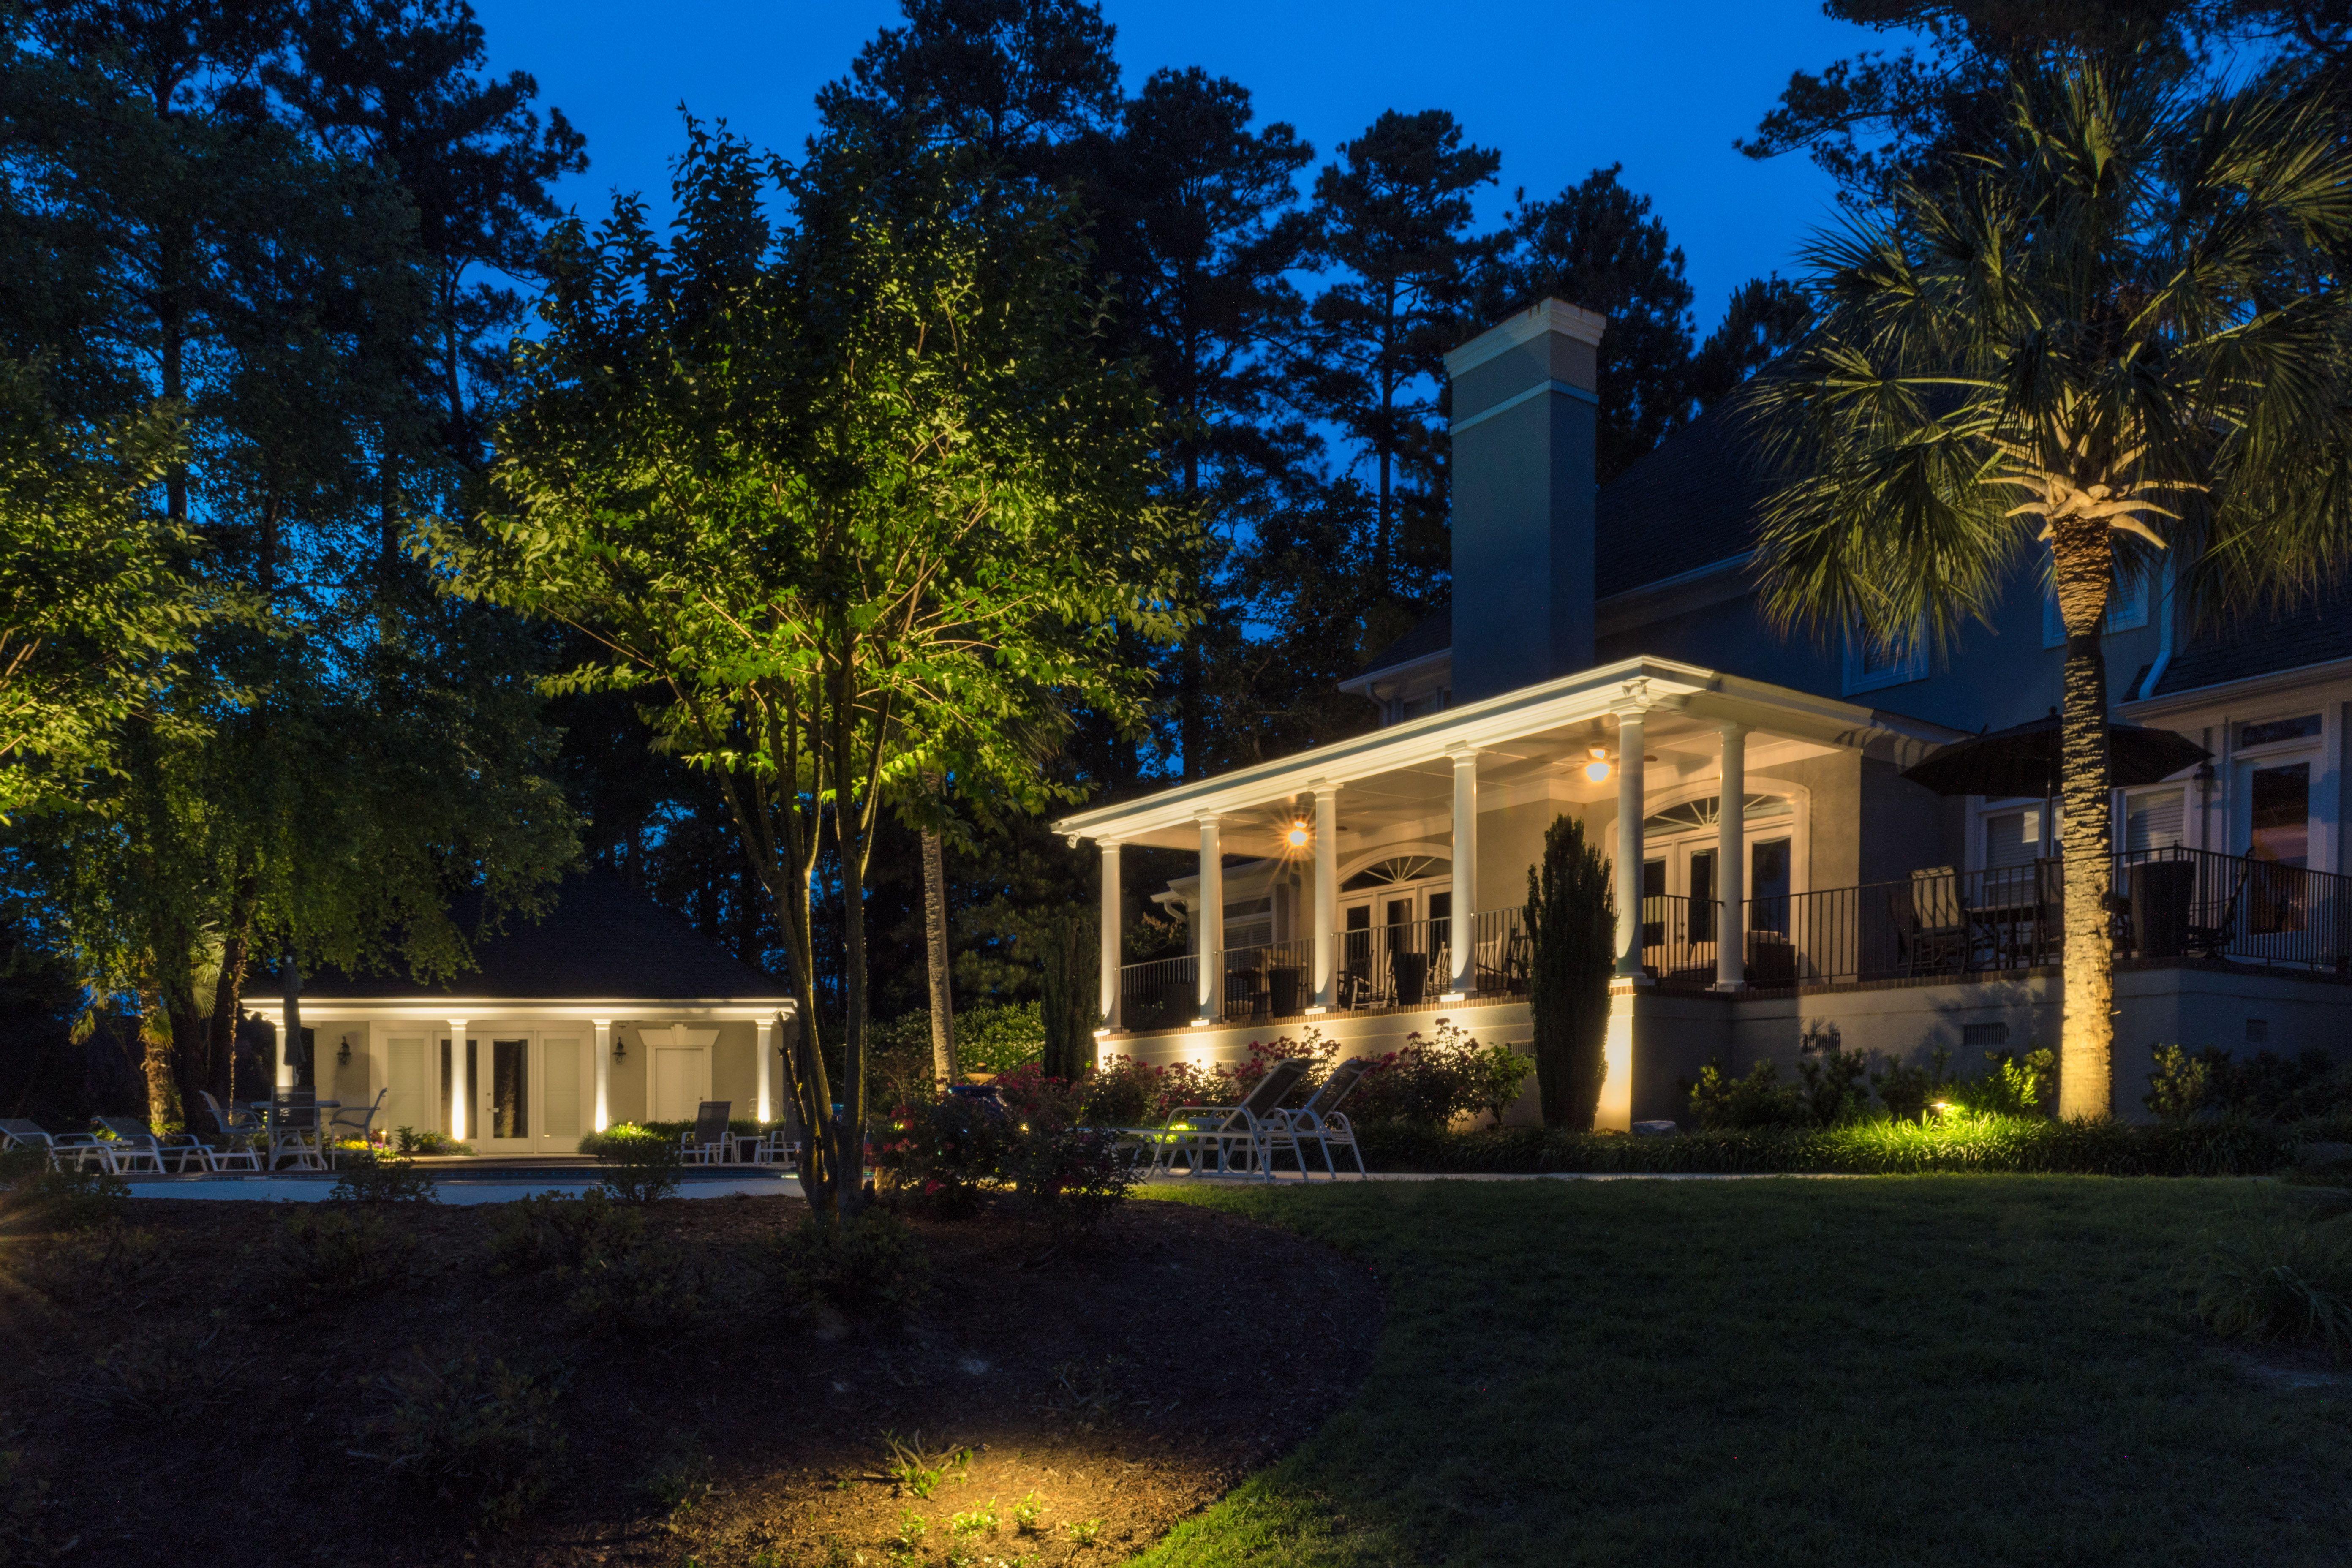 outdoor lighting perspective. Spot Lights, Outdoor Living Spaces, Lighting, Perspective, Florida Houses, Porches Lighting Perspective I